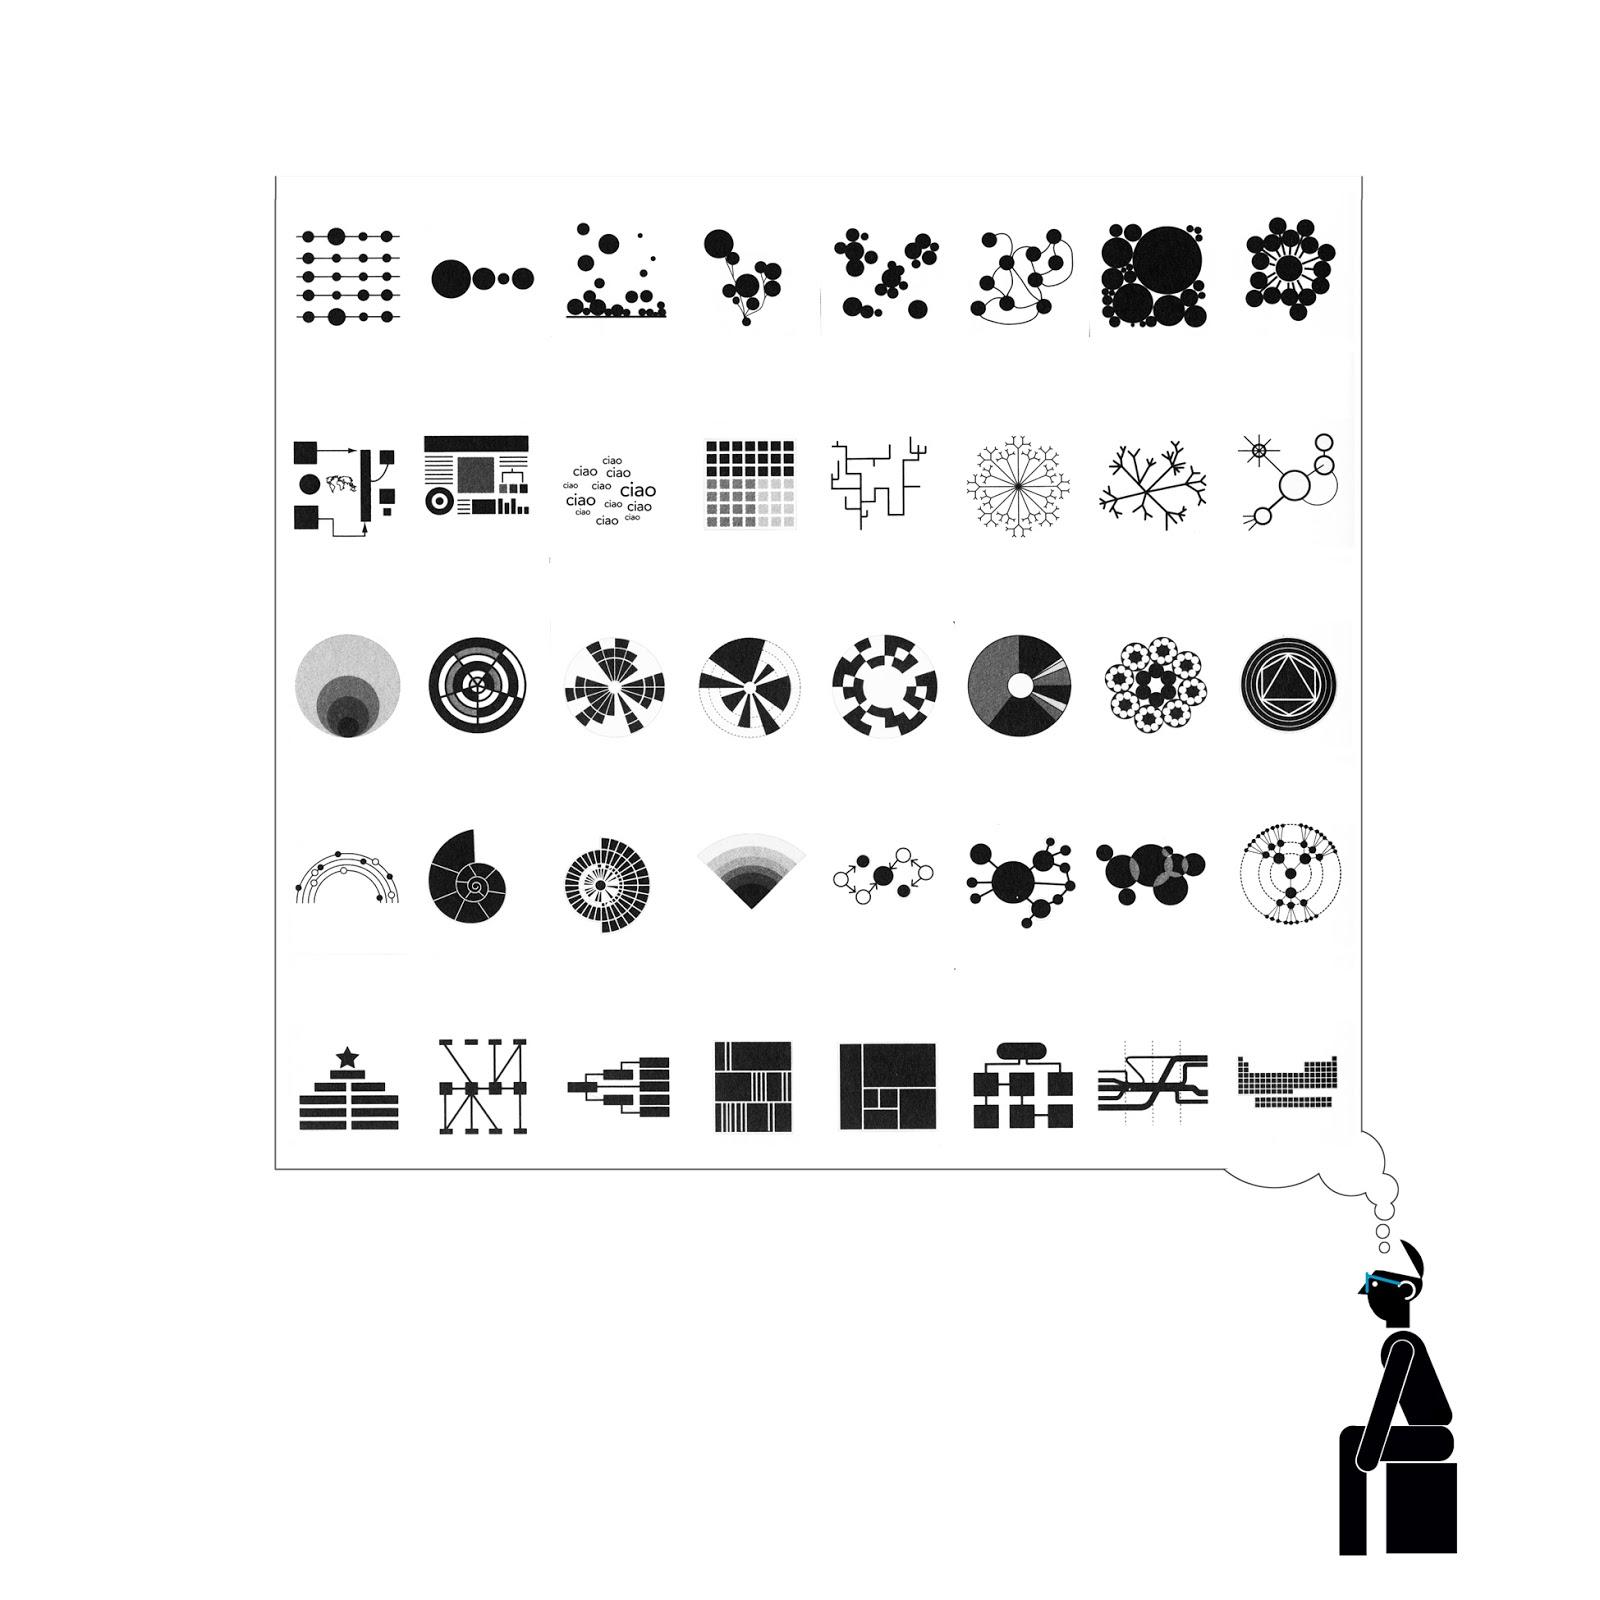 gestionar la complejidad, isotipos, pictogramas